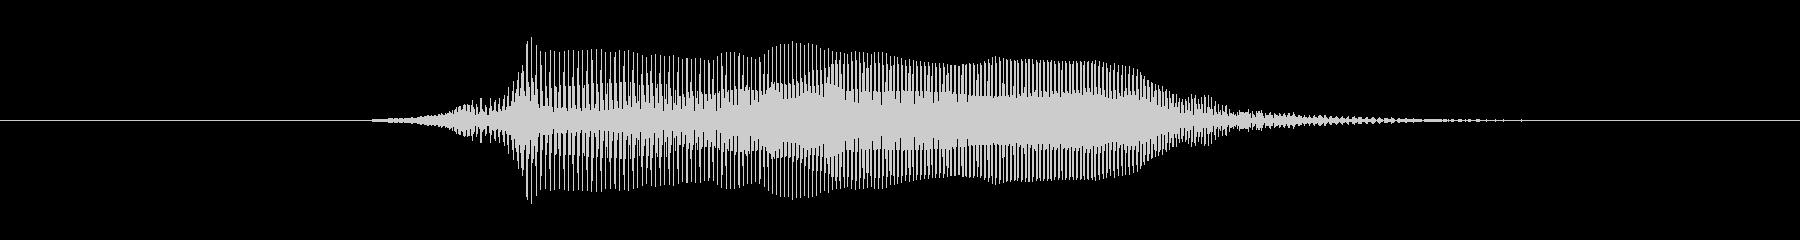 やぁの未再生の波形